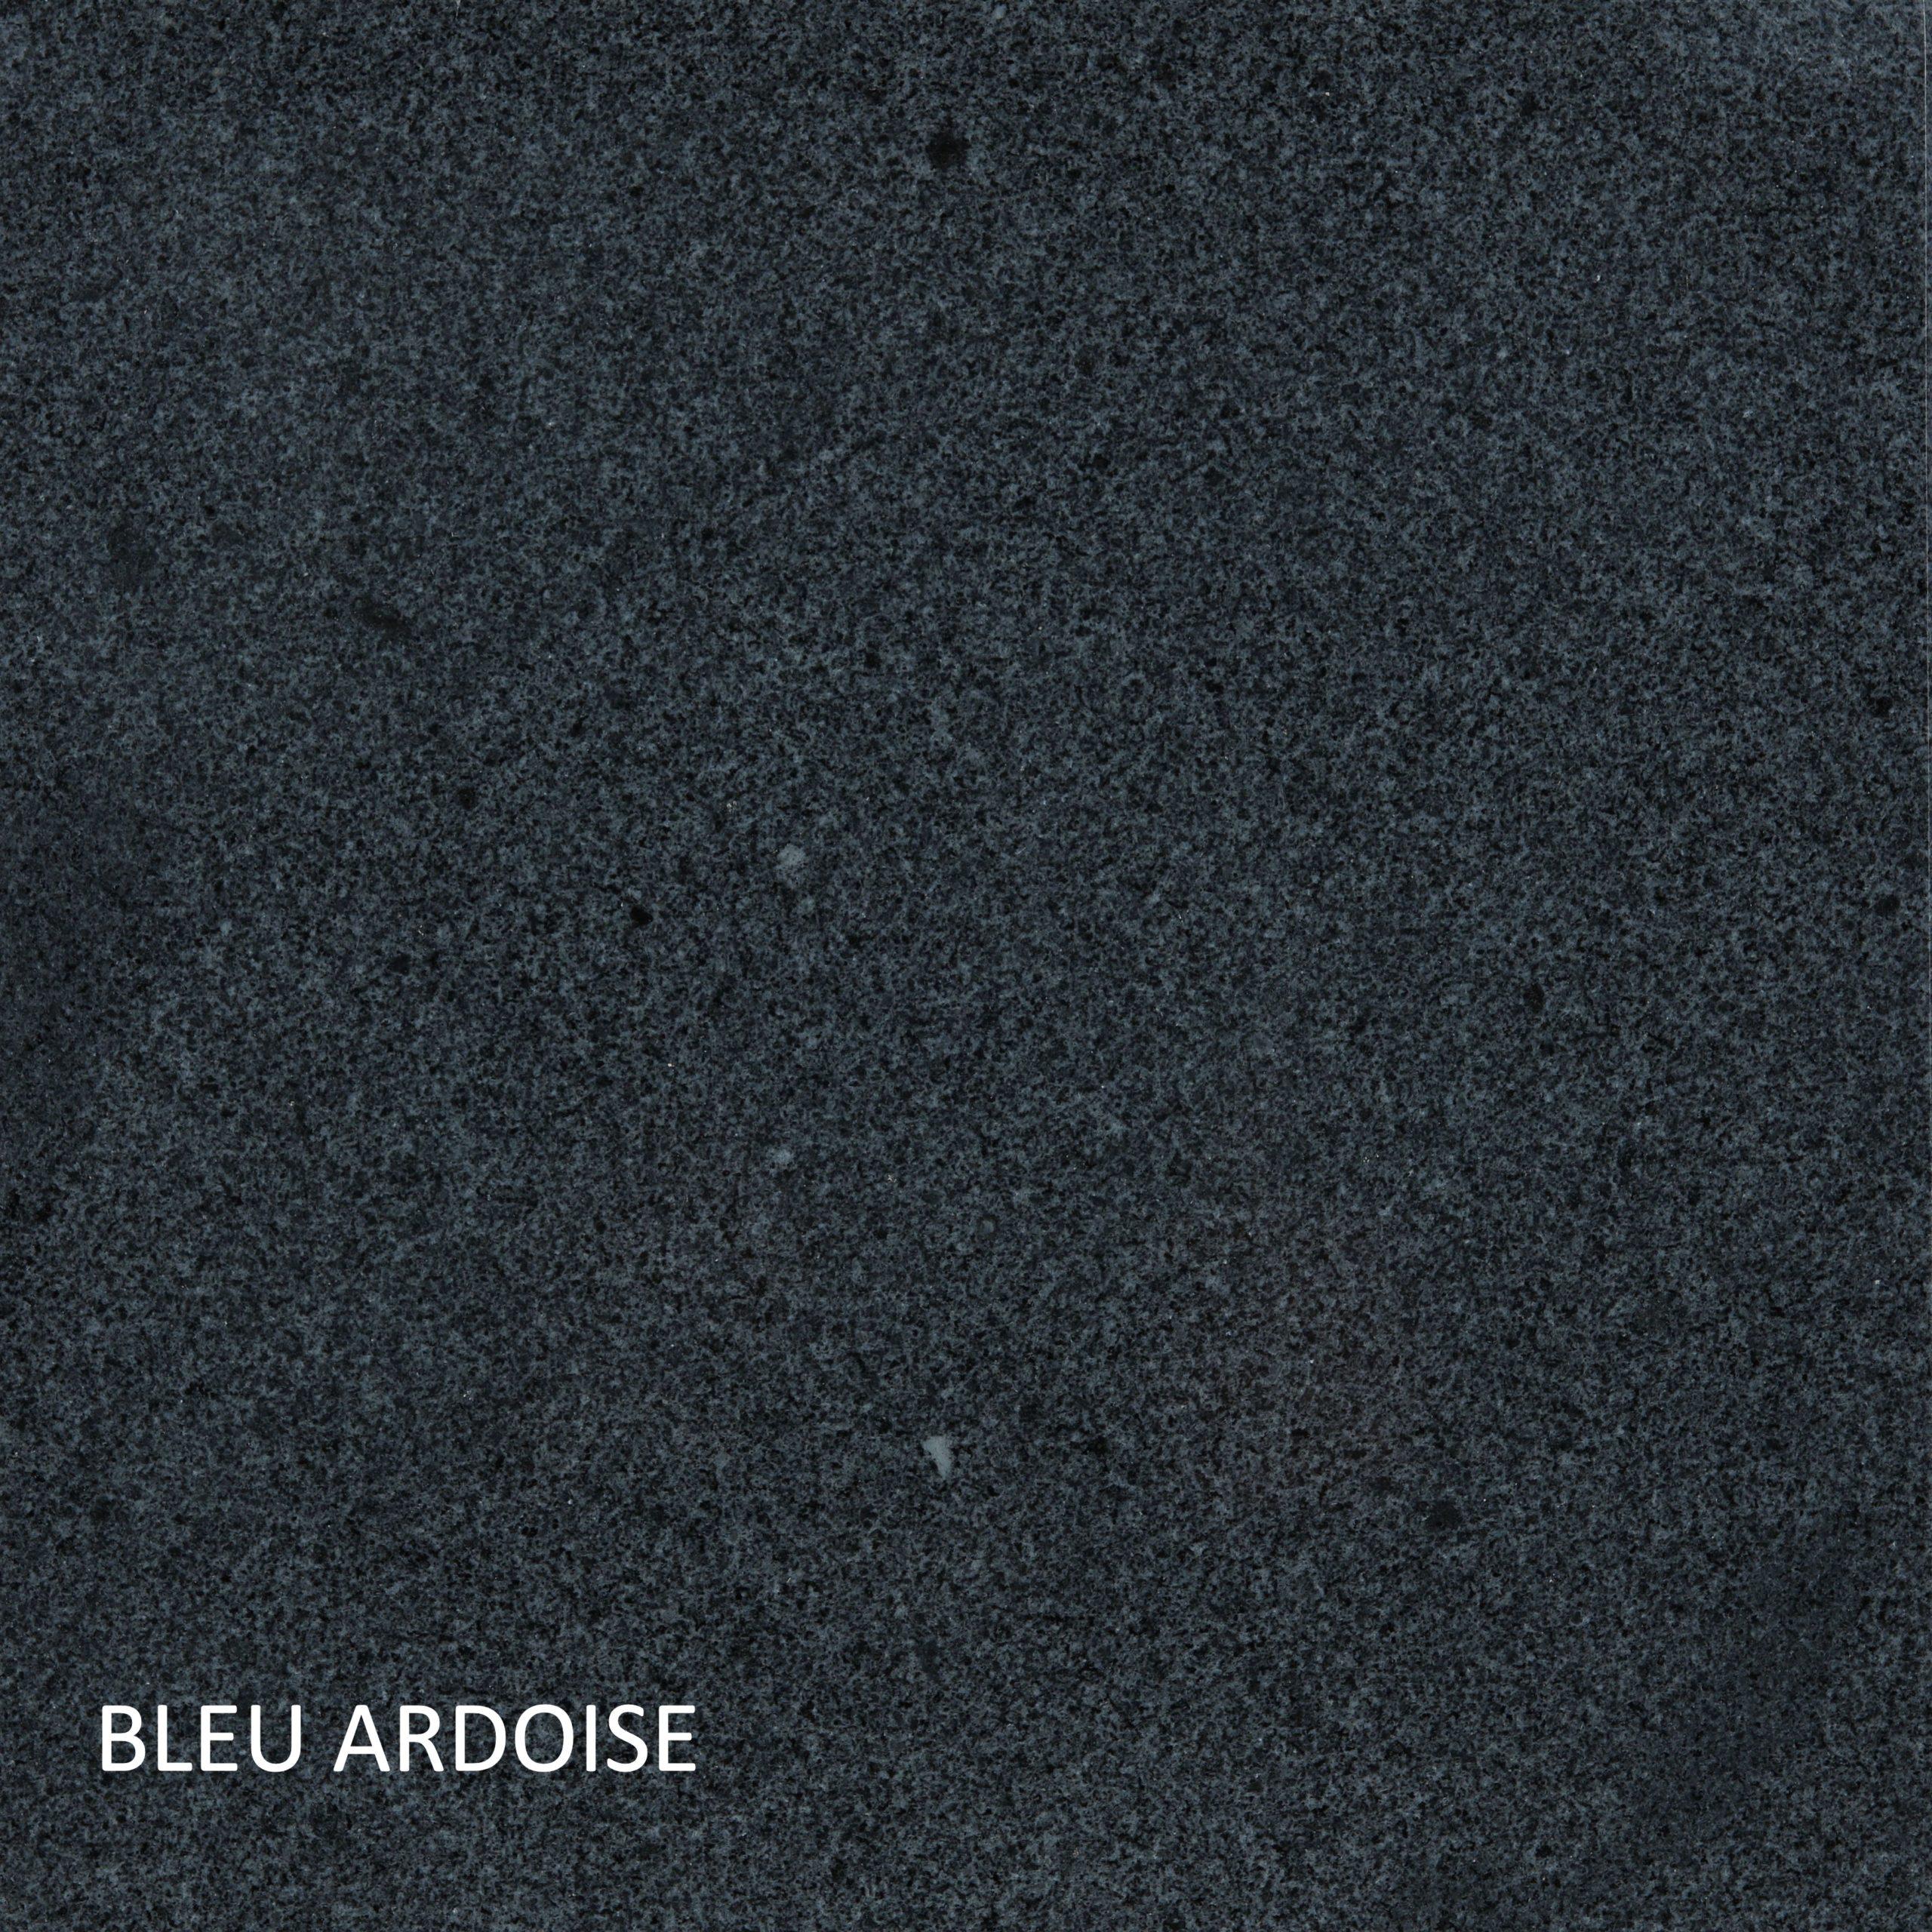 Masse-blau-Bleu-Ardoise